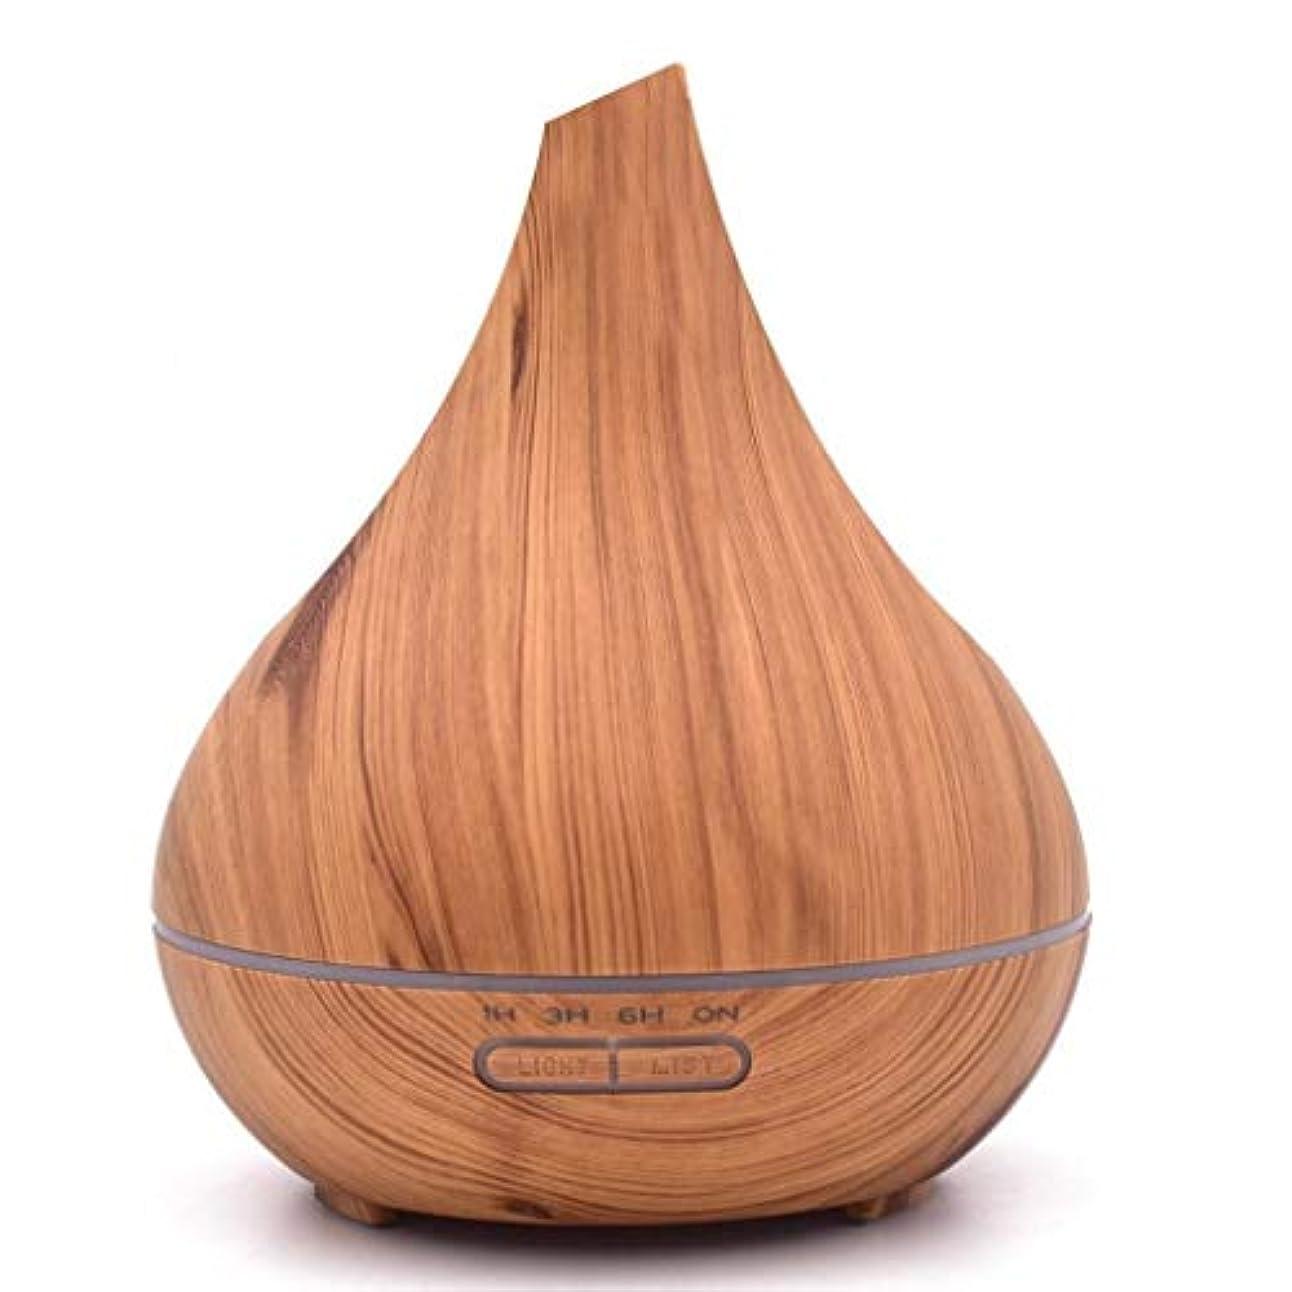 演劇カレッジメロドラマ400ミリリットルエッセンシャルオイルディフューザーアロマセラピーささやき静かな操作水なし電源オフ用オフィスホームヨガスパギフト用女性 (Color : Light Wood Grain)